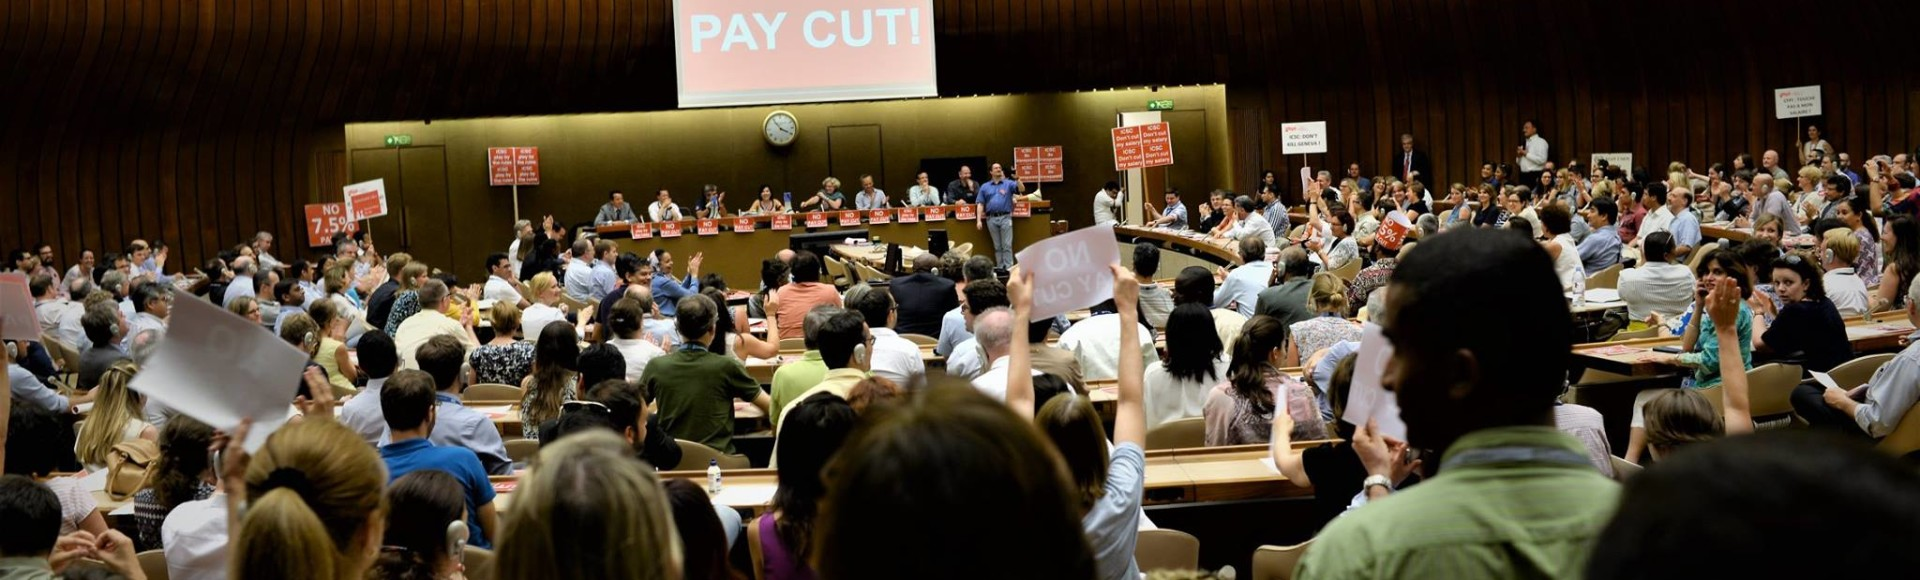 La campaña « NoPayCut » ¿Dónde estamos después del paro laboral del 16 de junio 2017?